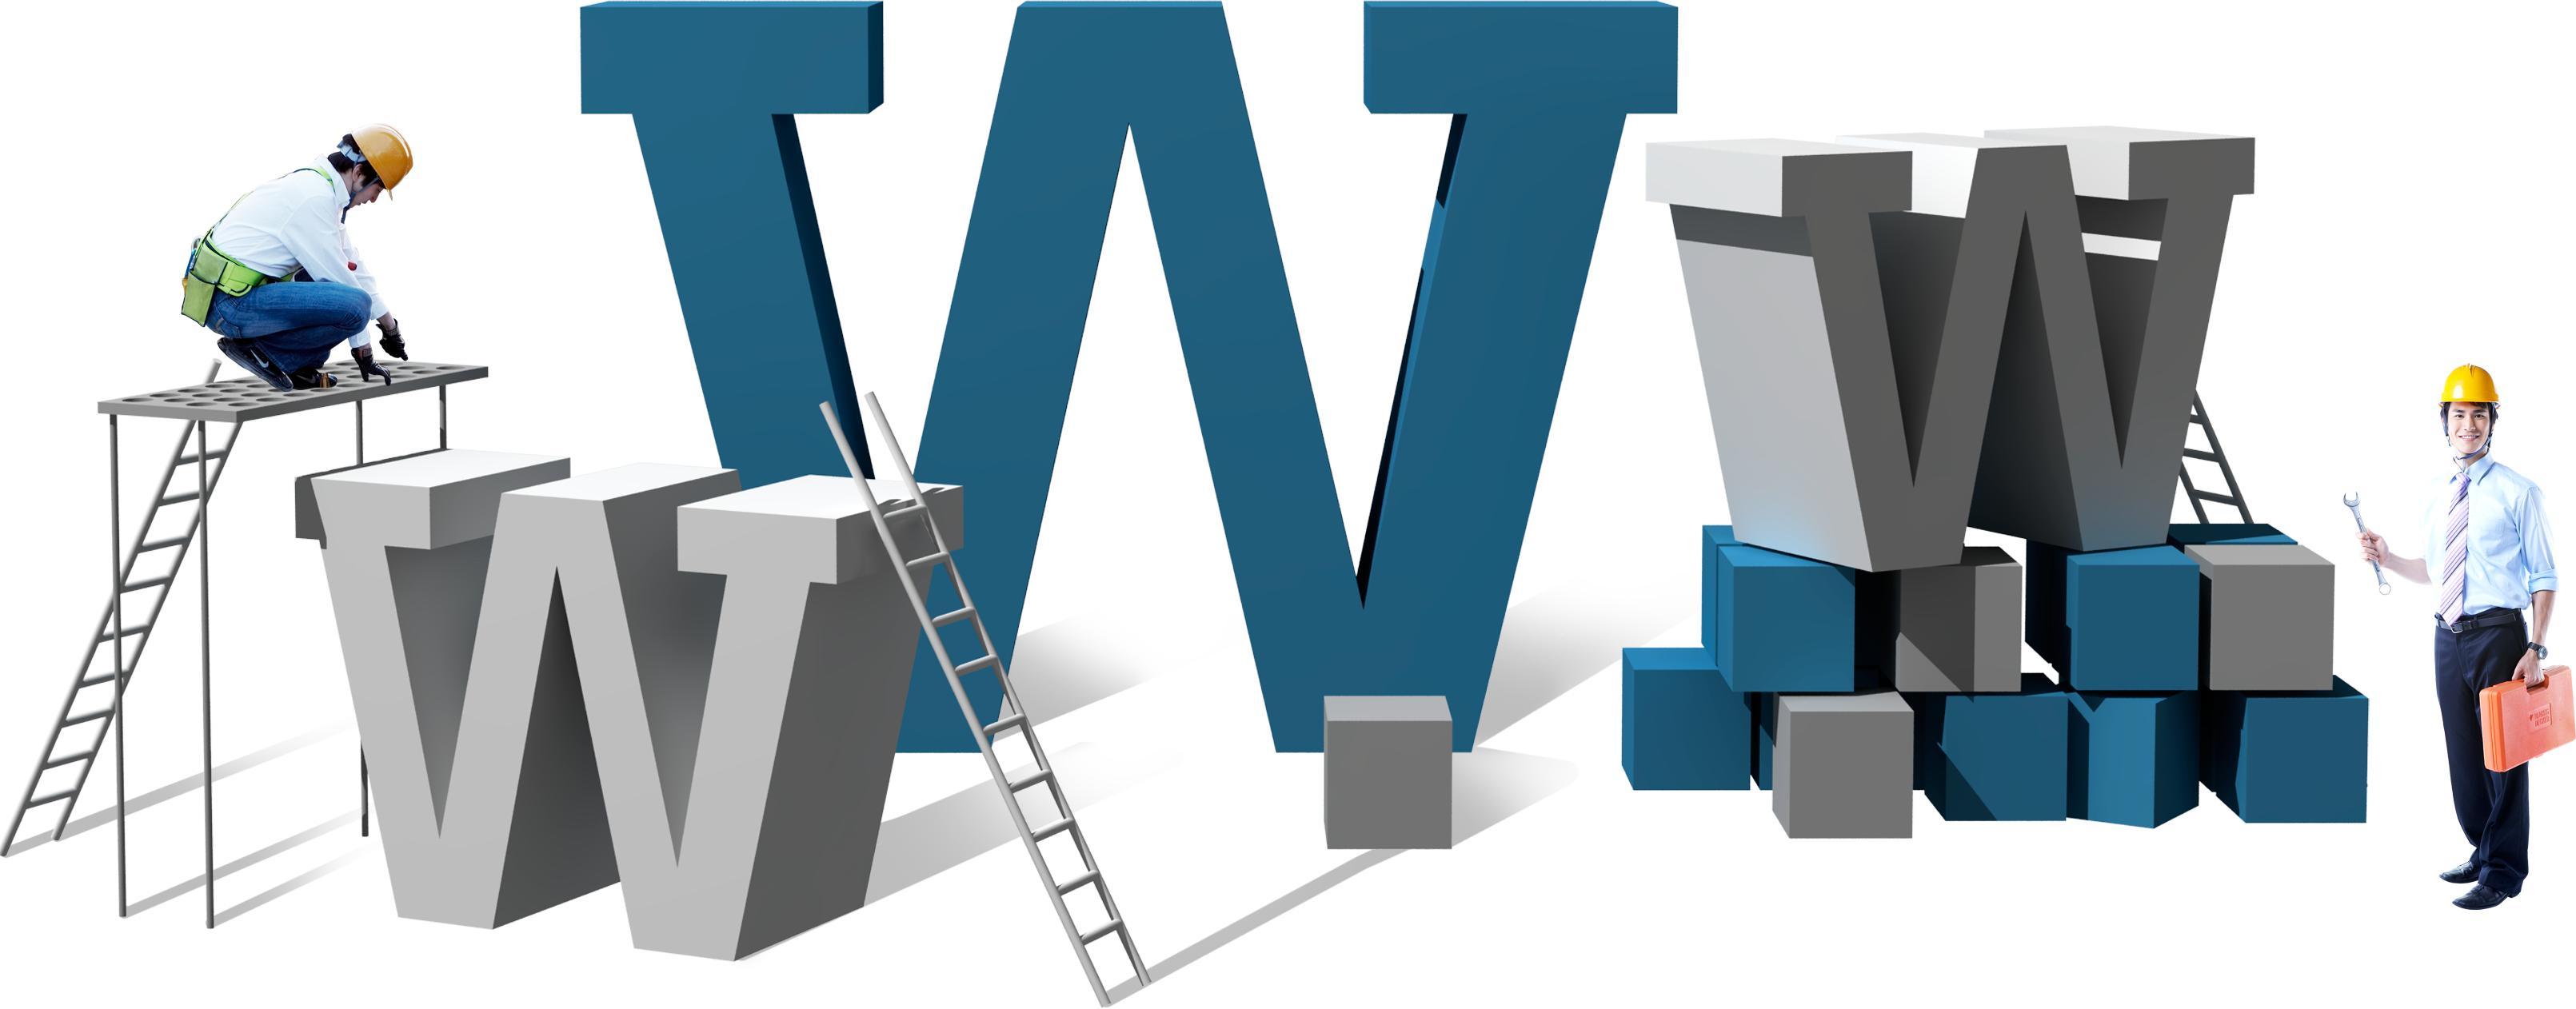 网站运营:怎样维护企业网站才能获得百度更好的排名?